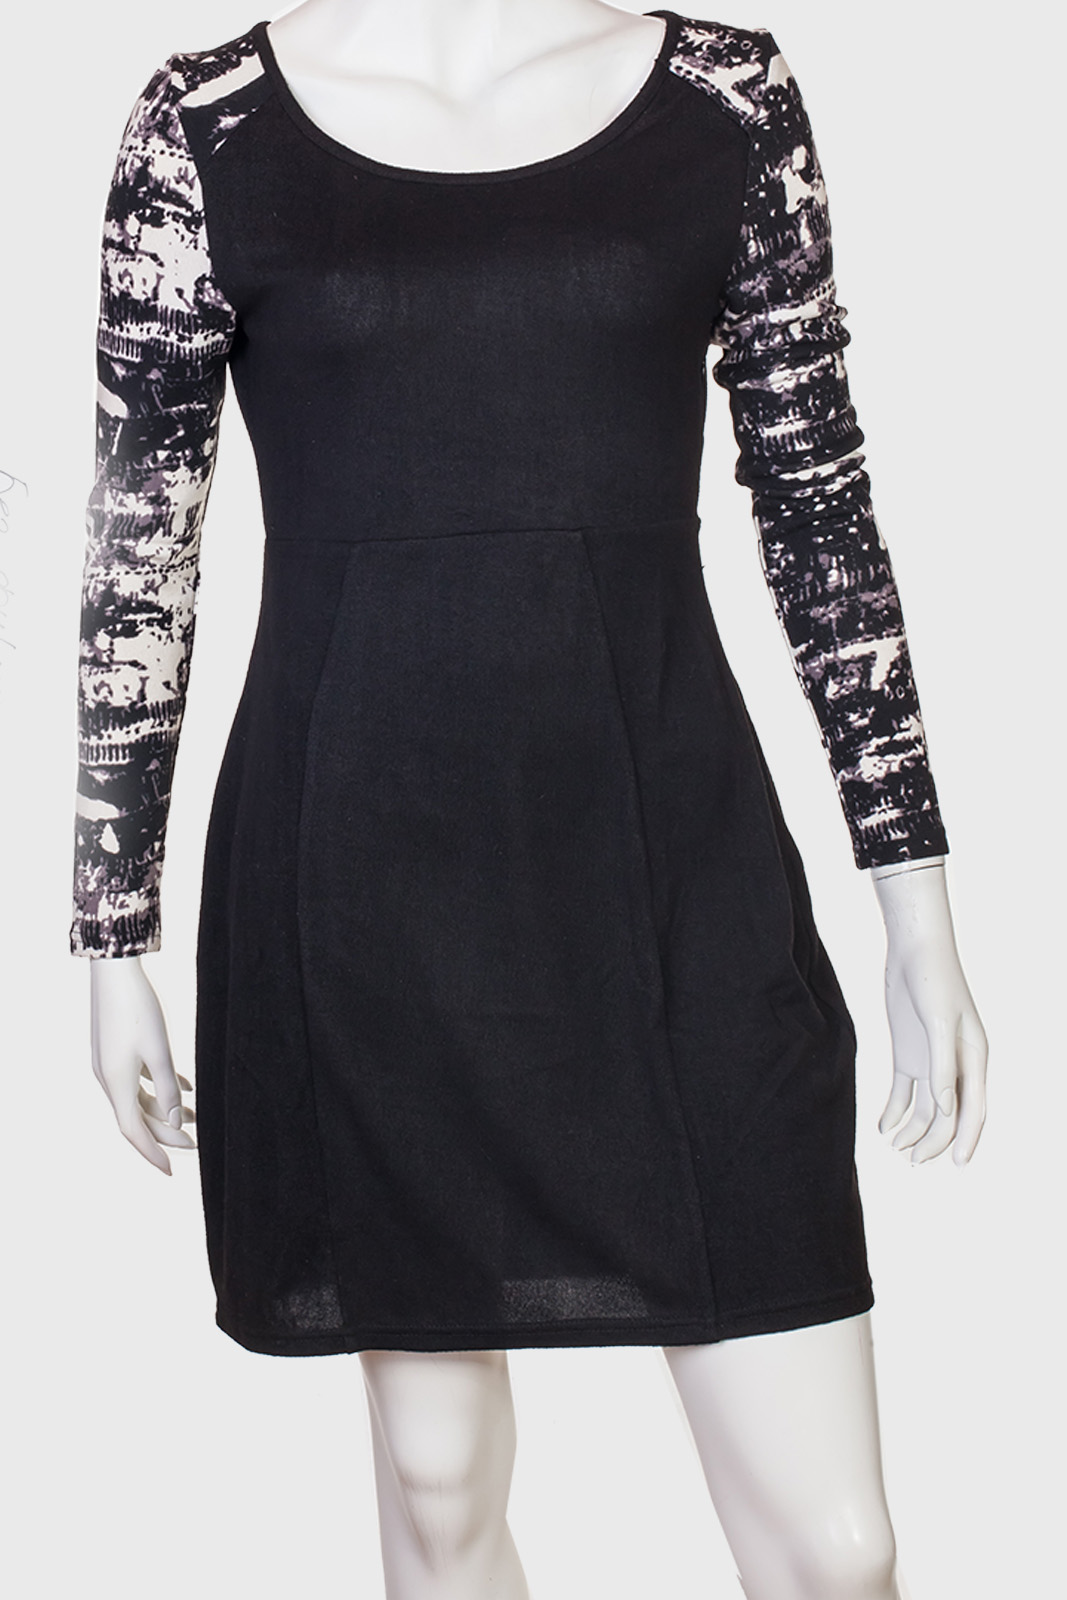 Черное силуэтное платье в стиле Woman in black